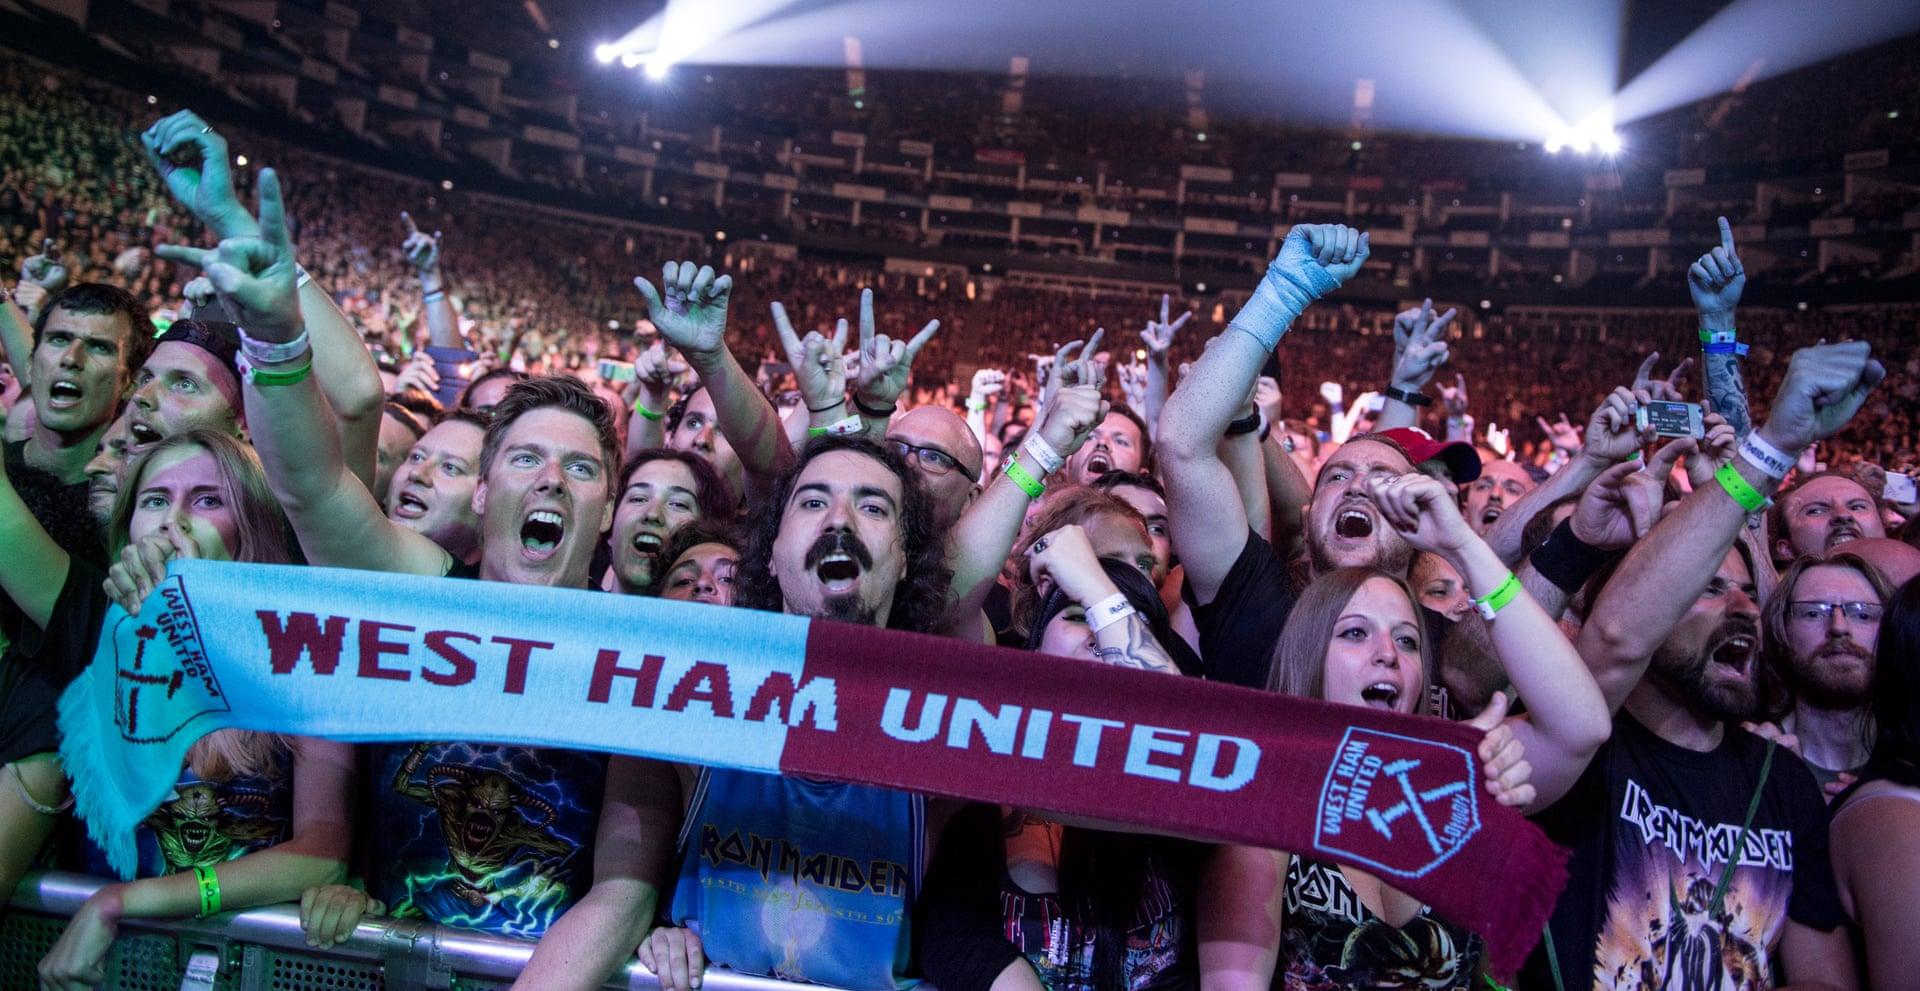 Iron Maiden x West Ham United